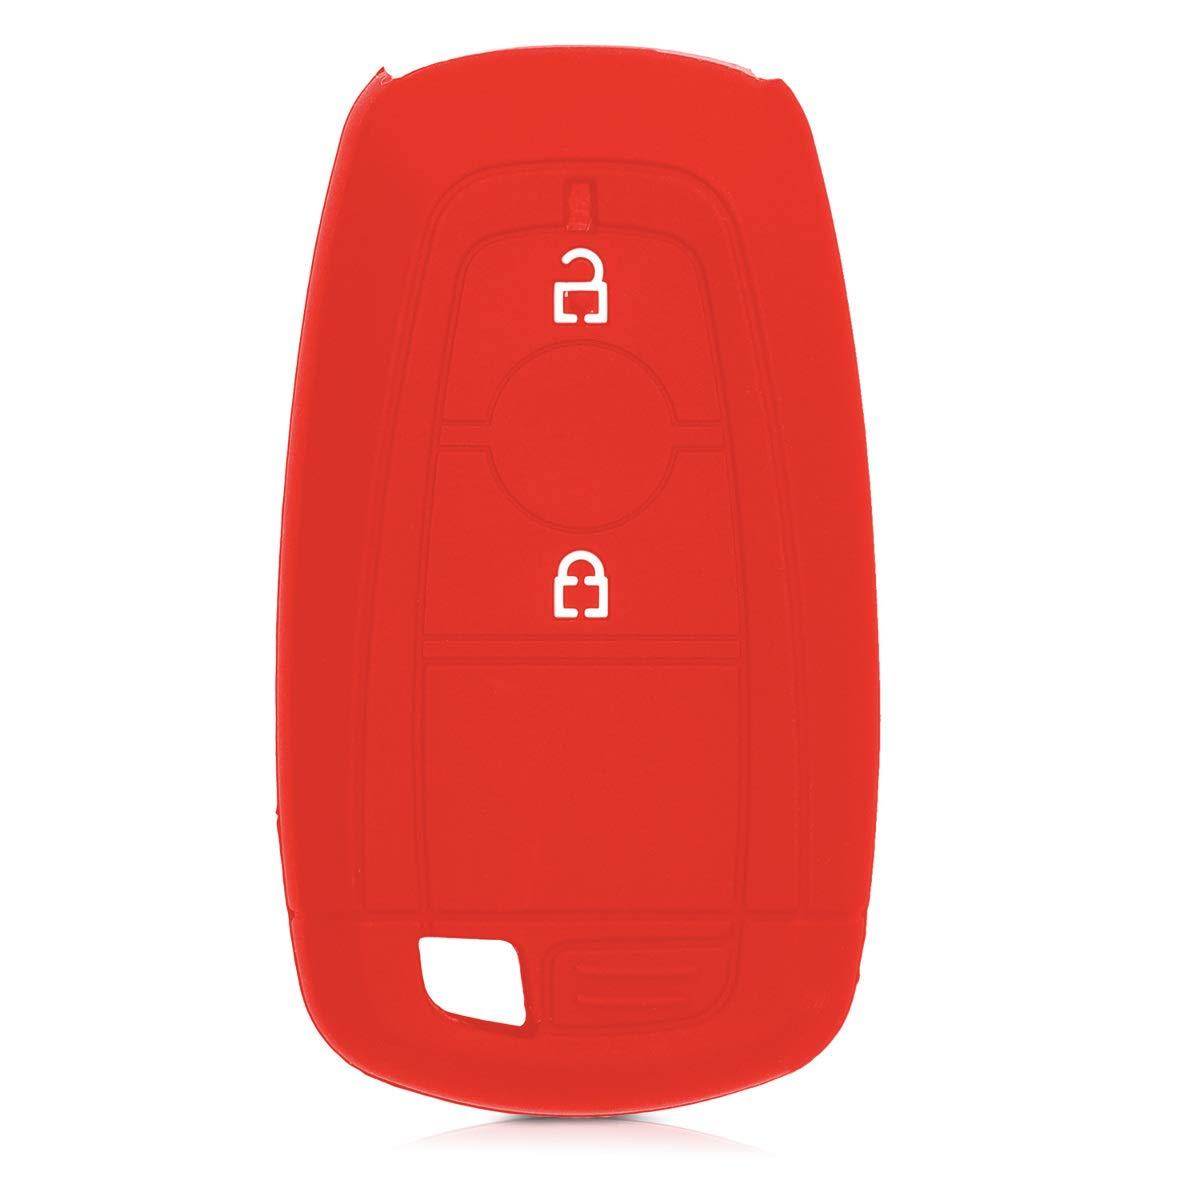 - Case Mando de Auto Silicona Rojo kwmobile Funda de Silicona para Llave Keyless Go de 2 Botones para Coche Ford Carcasa Protectora de Suave